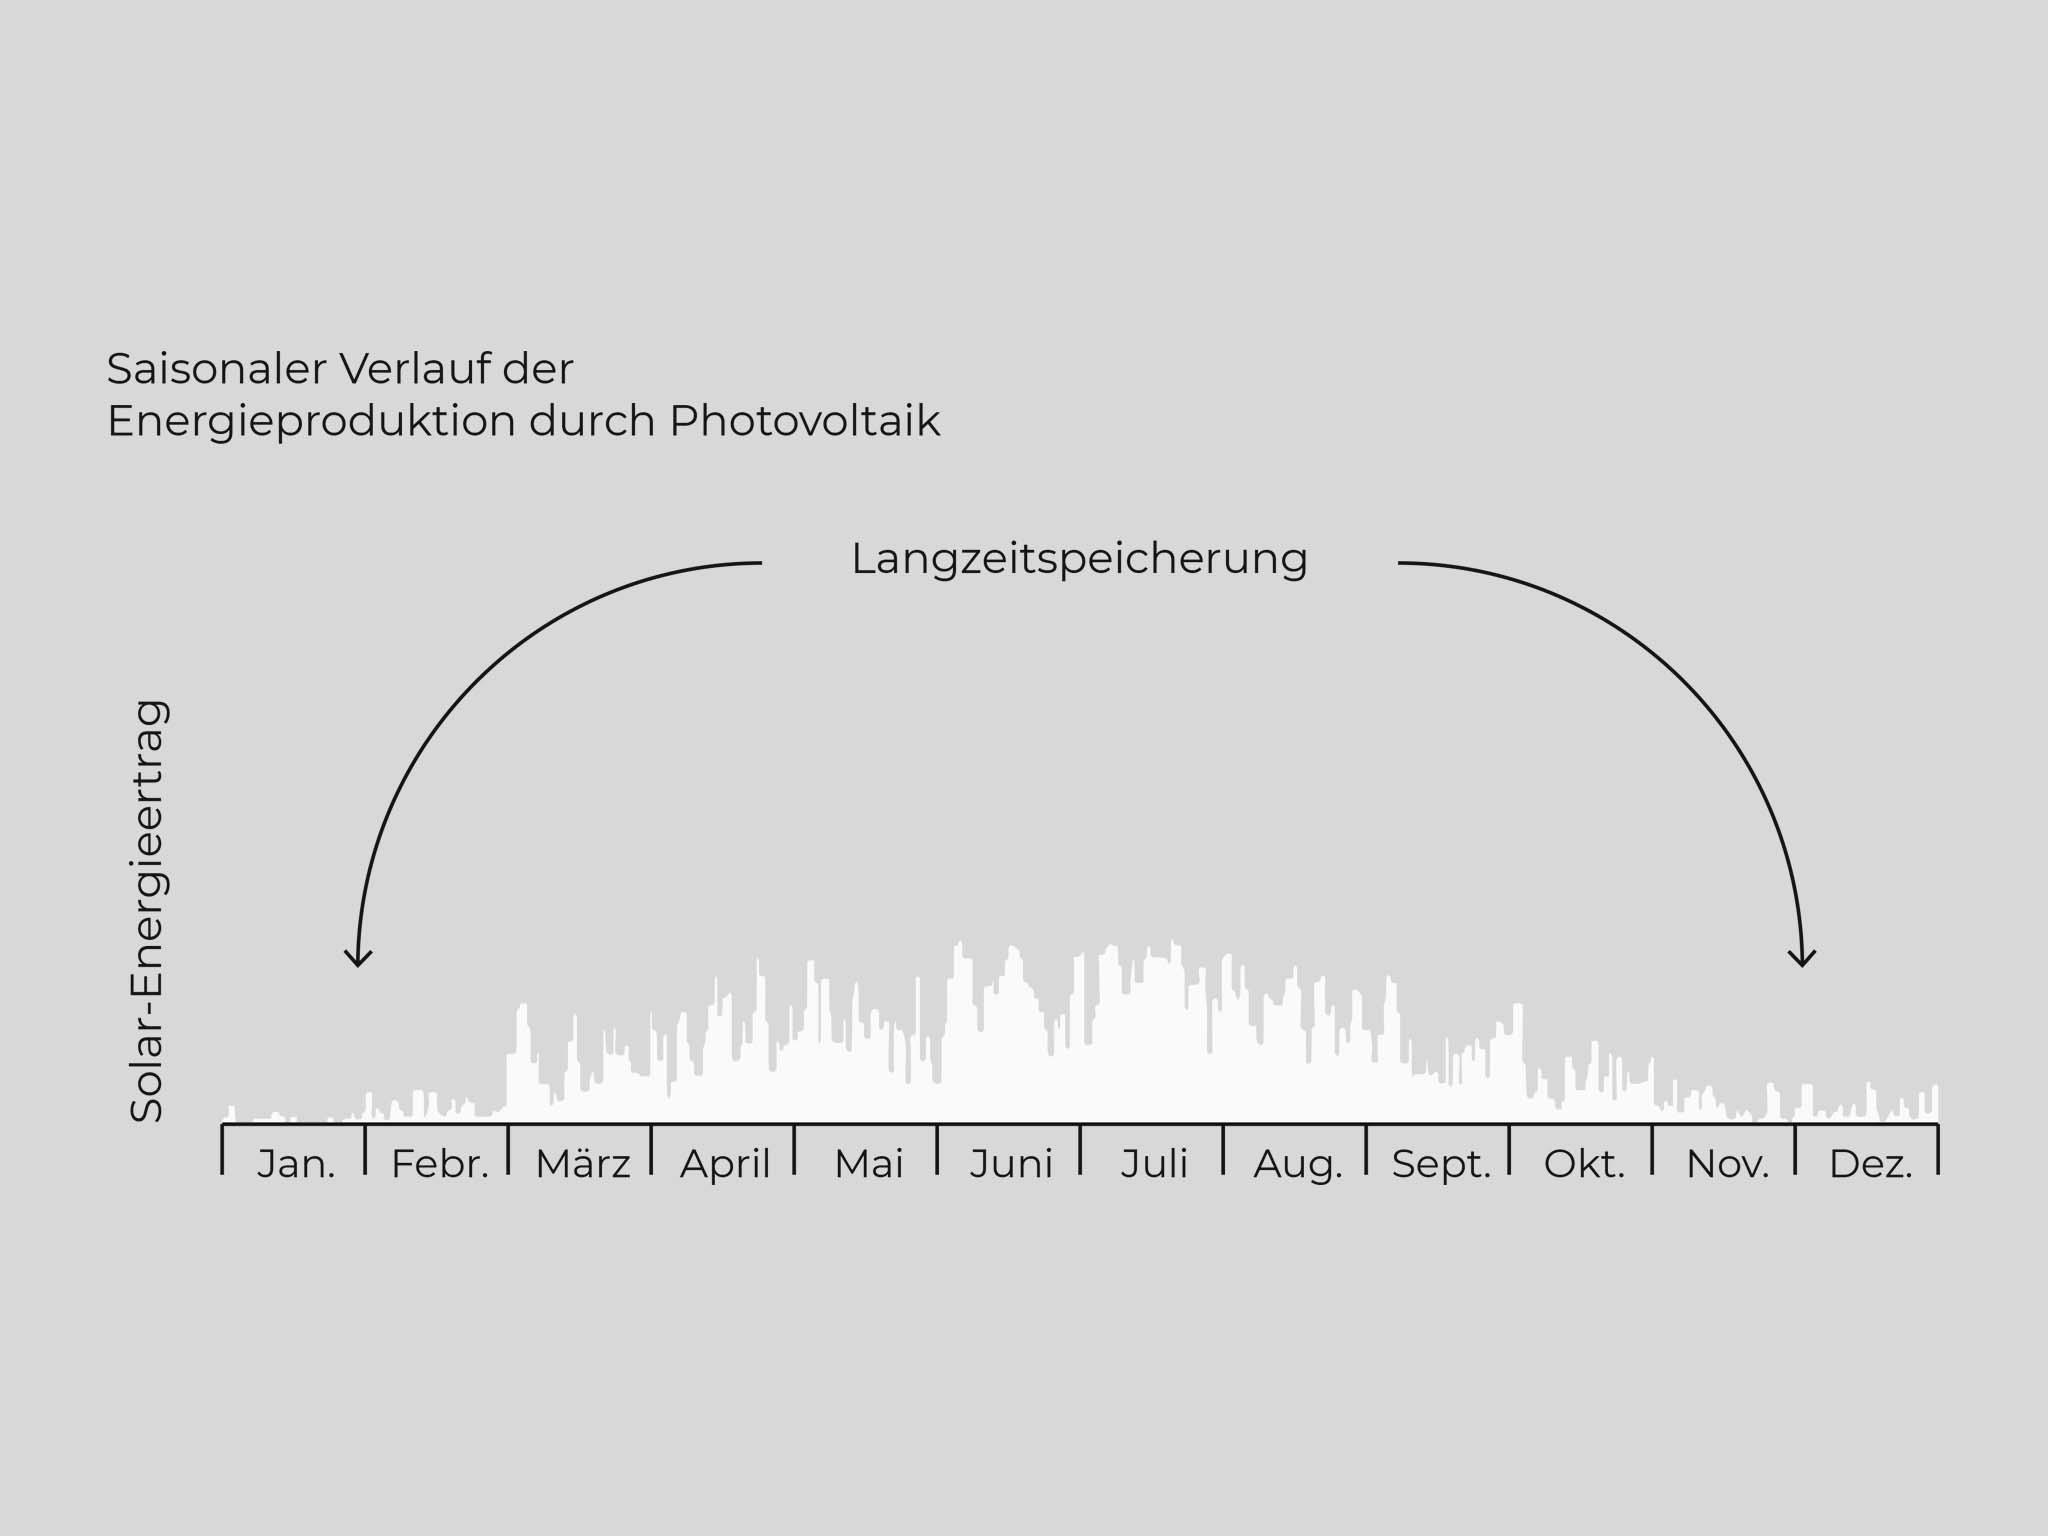 Saisonaler Verlauf durch Photovoltaik-Anlage